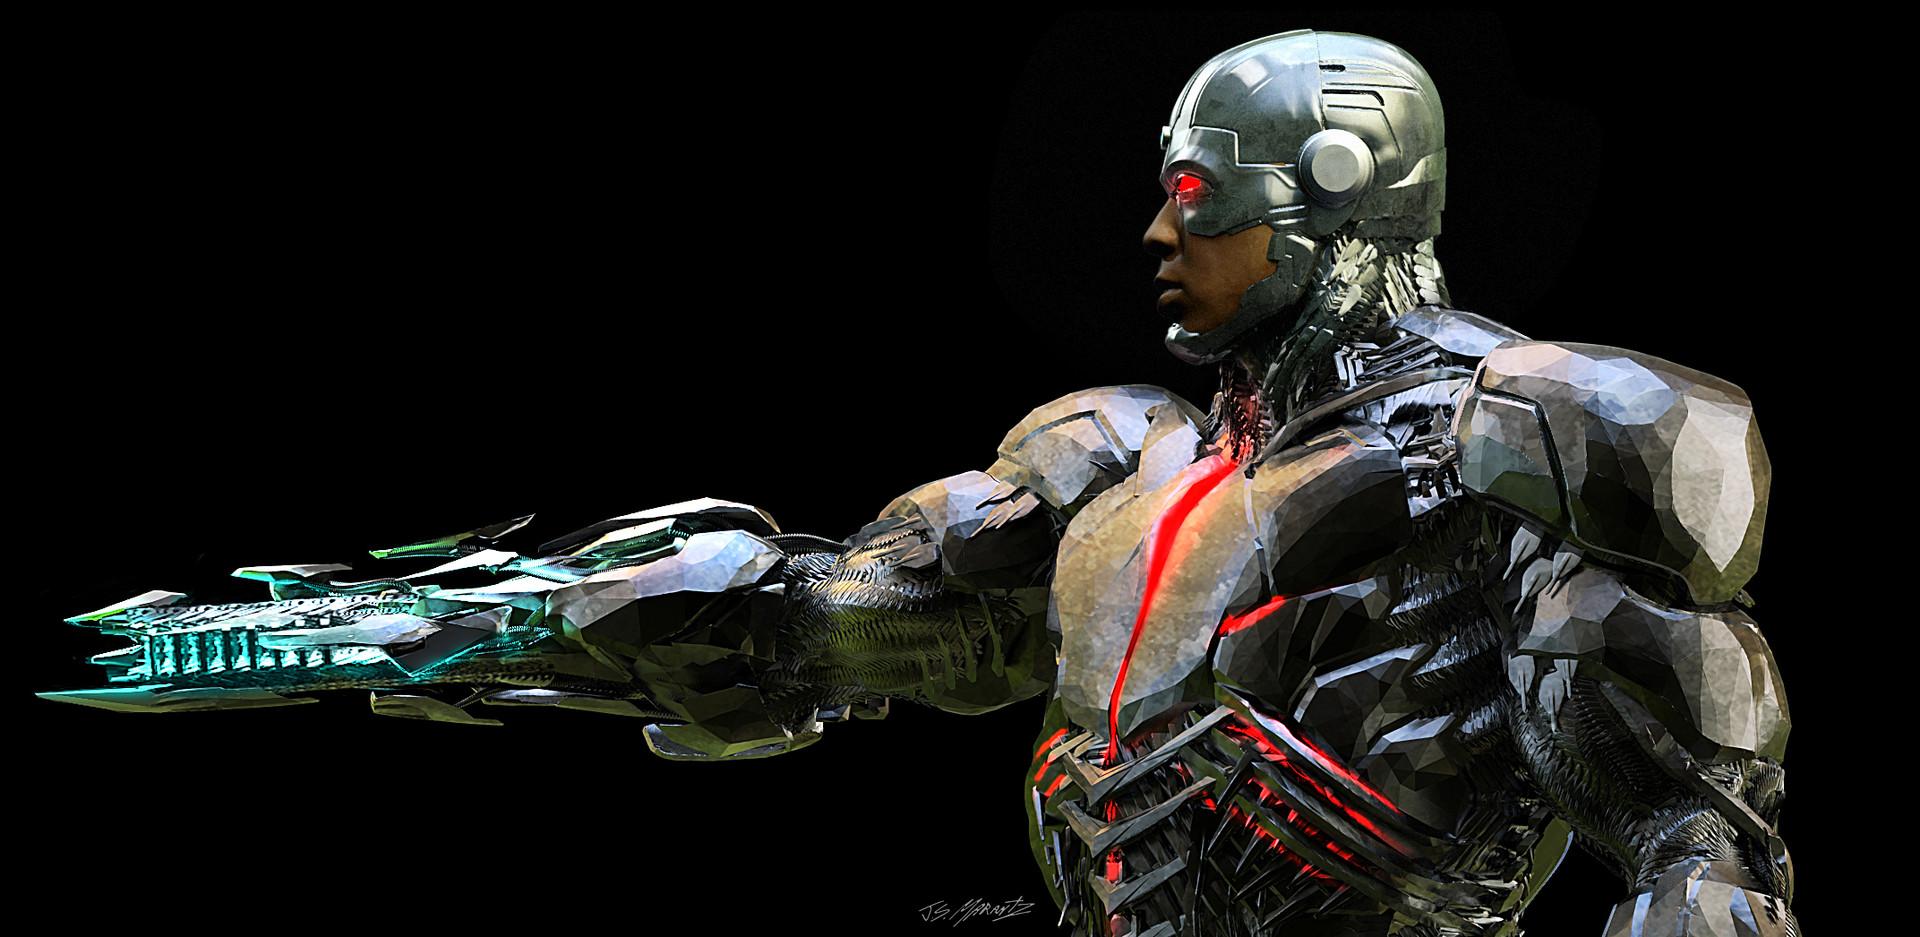 Jerx marantz cyborg gun view 1 2 2